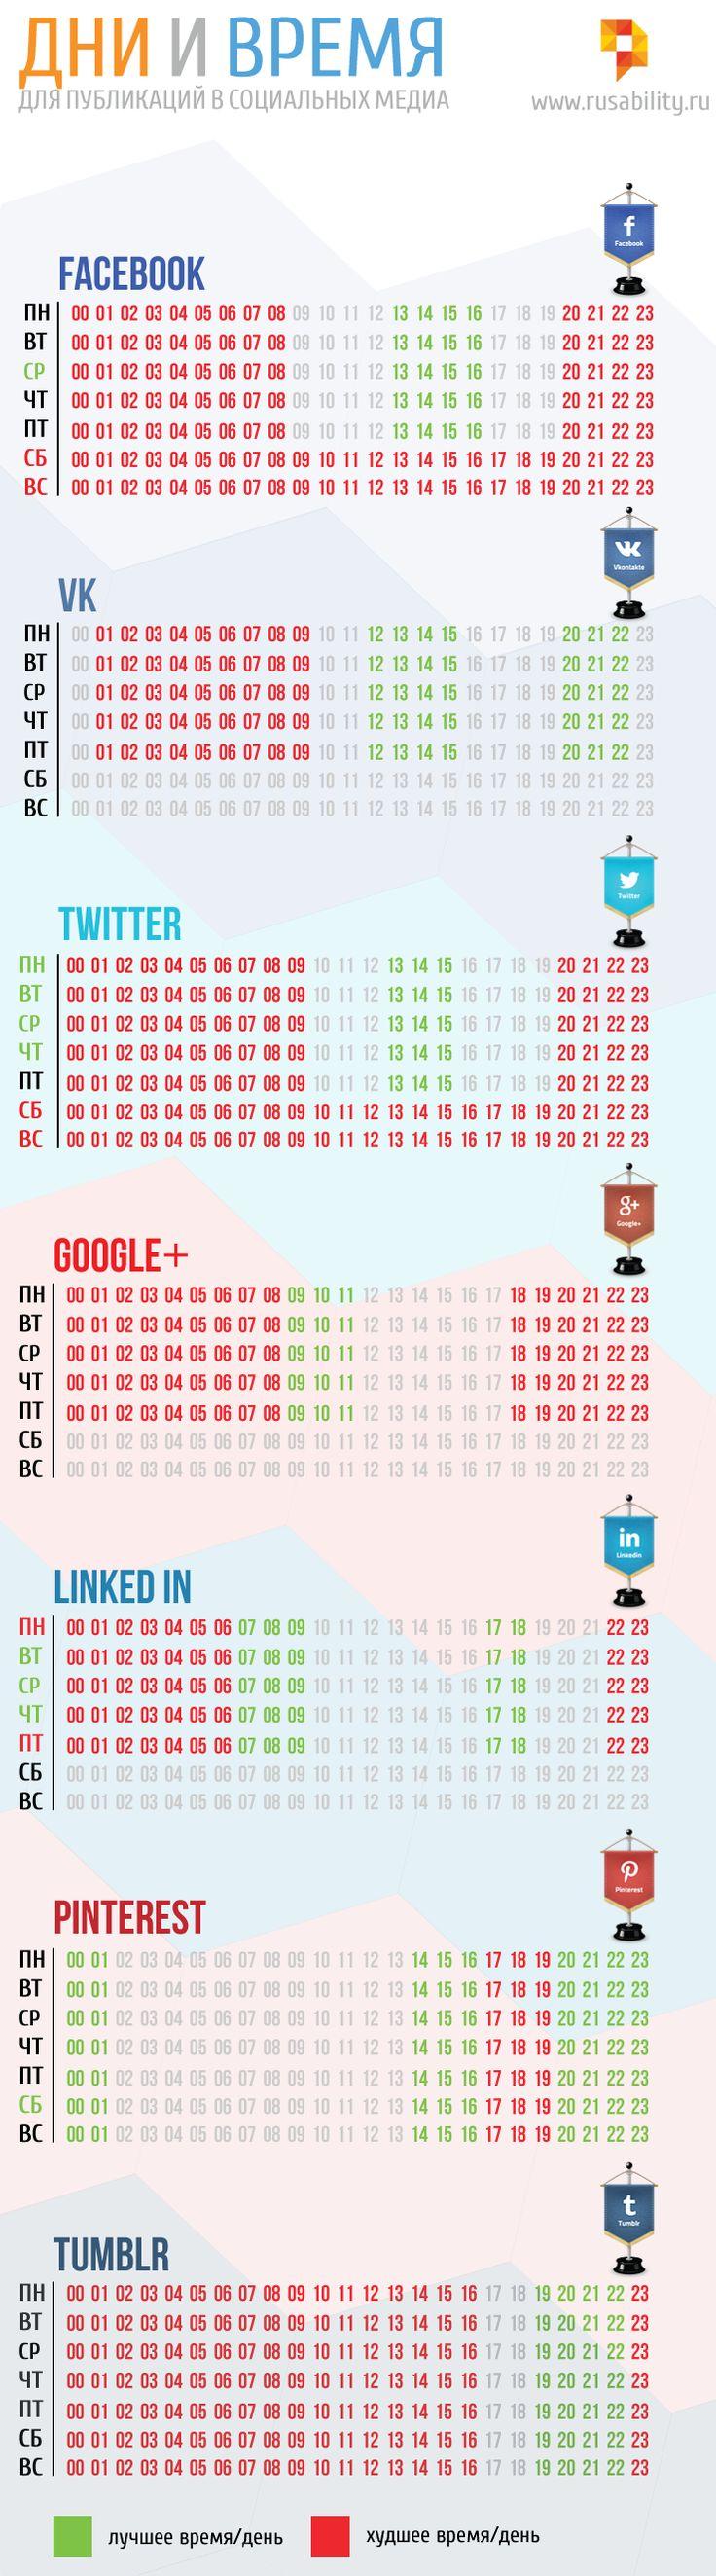 В какие дни и во сколько следует публиковать посты в социальных сетях. Инфографика - http://goo.gl/92tGtH - Совсем недавно мы писали о популярности социальных сетей в России. Статья RUsability, из которой можно было сделать далеко идущие выводы для своей SMM стратегии давали дос�